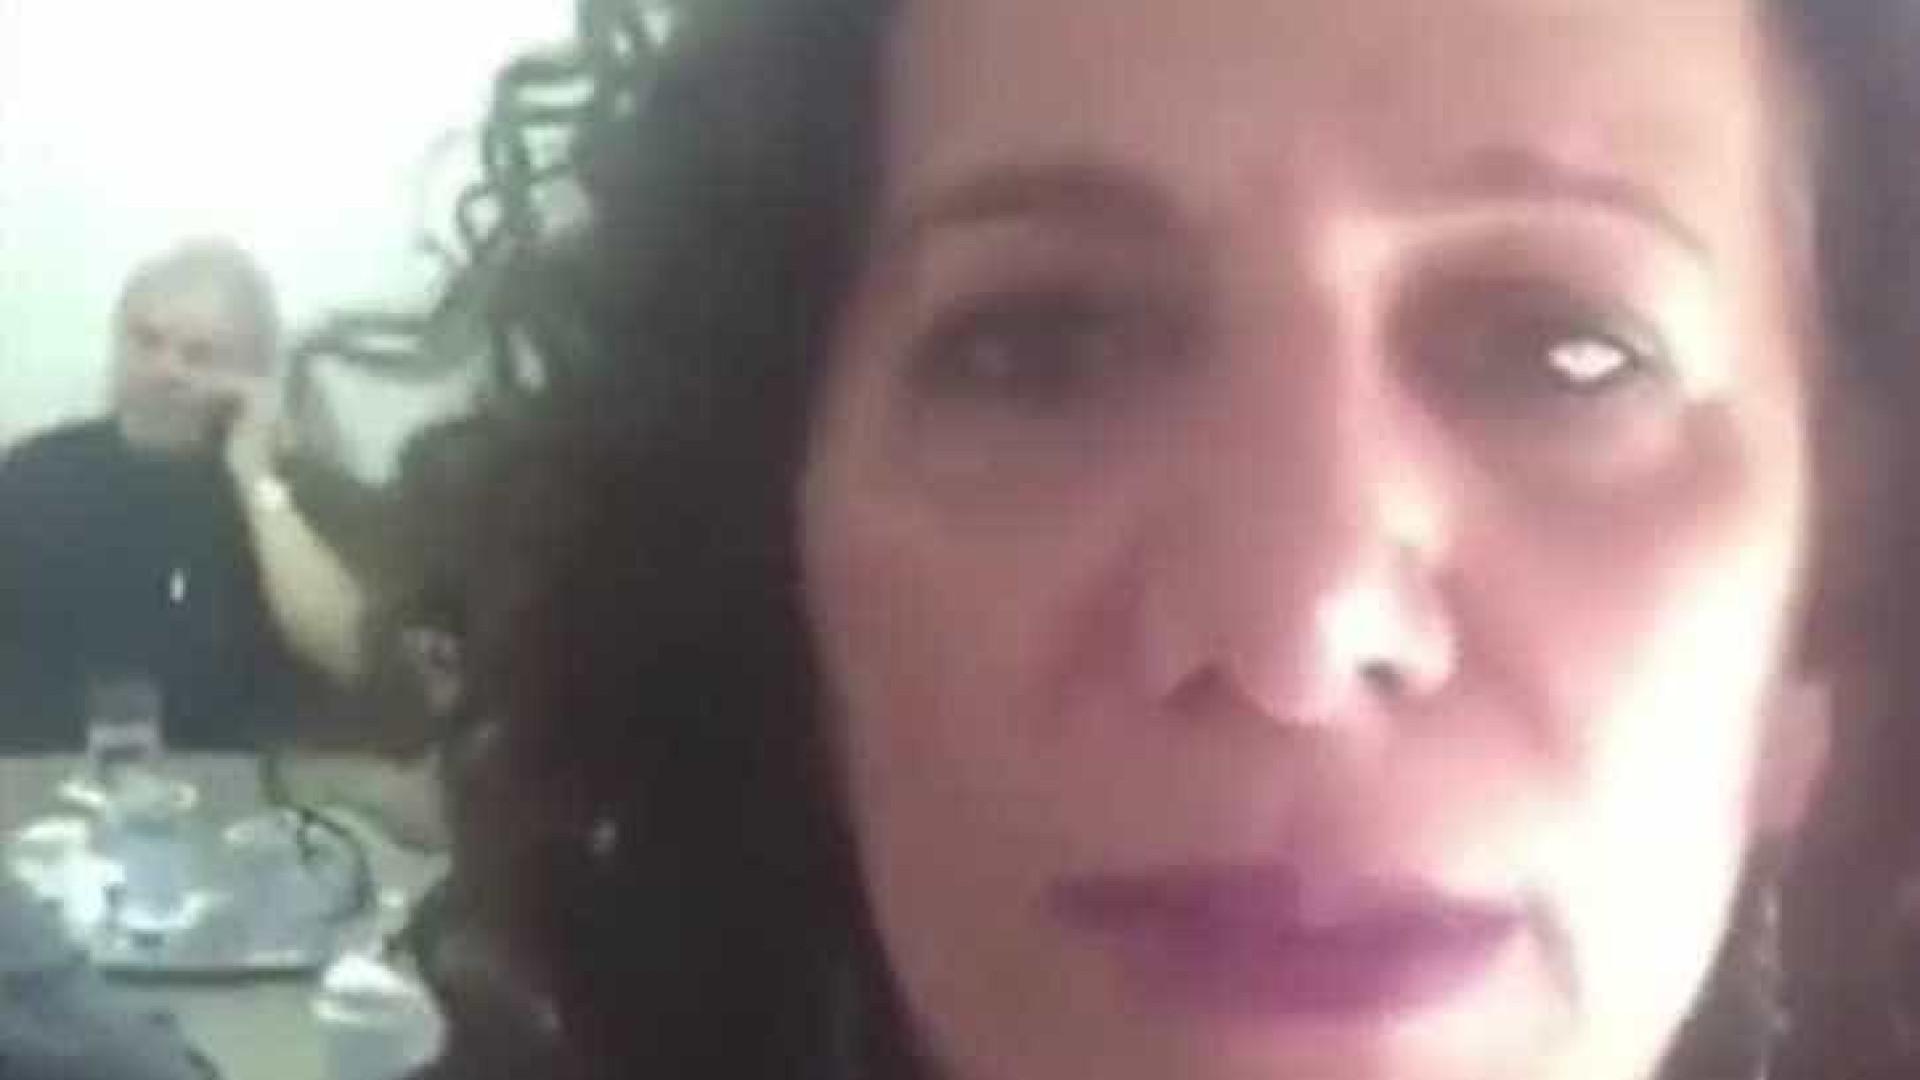 Lula: 'Eles que enfiem no c... todo o processo'